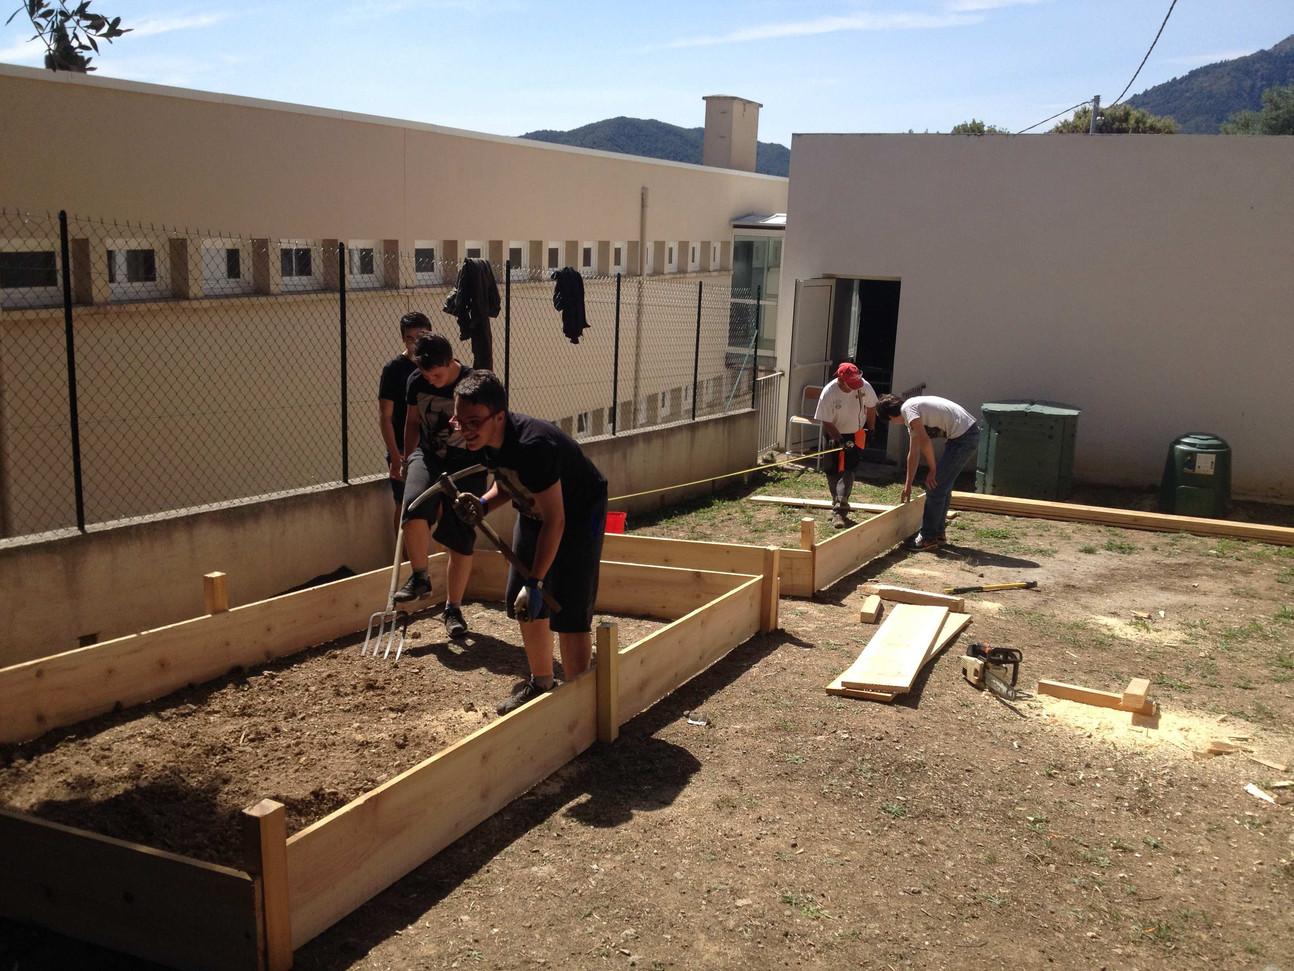 Travailler dehors, créer, mettre en place un plan, préparer les matériaux et faire la mise en place...